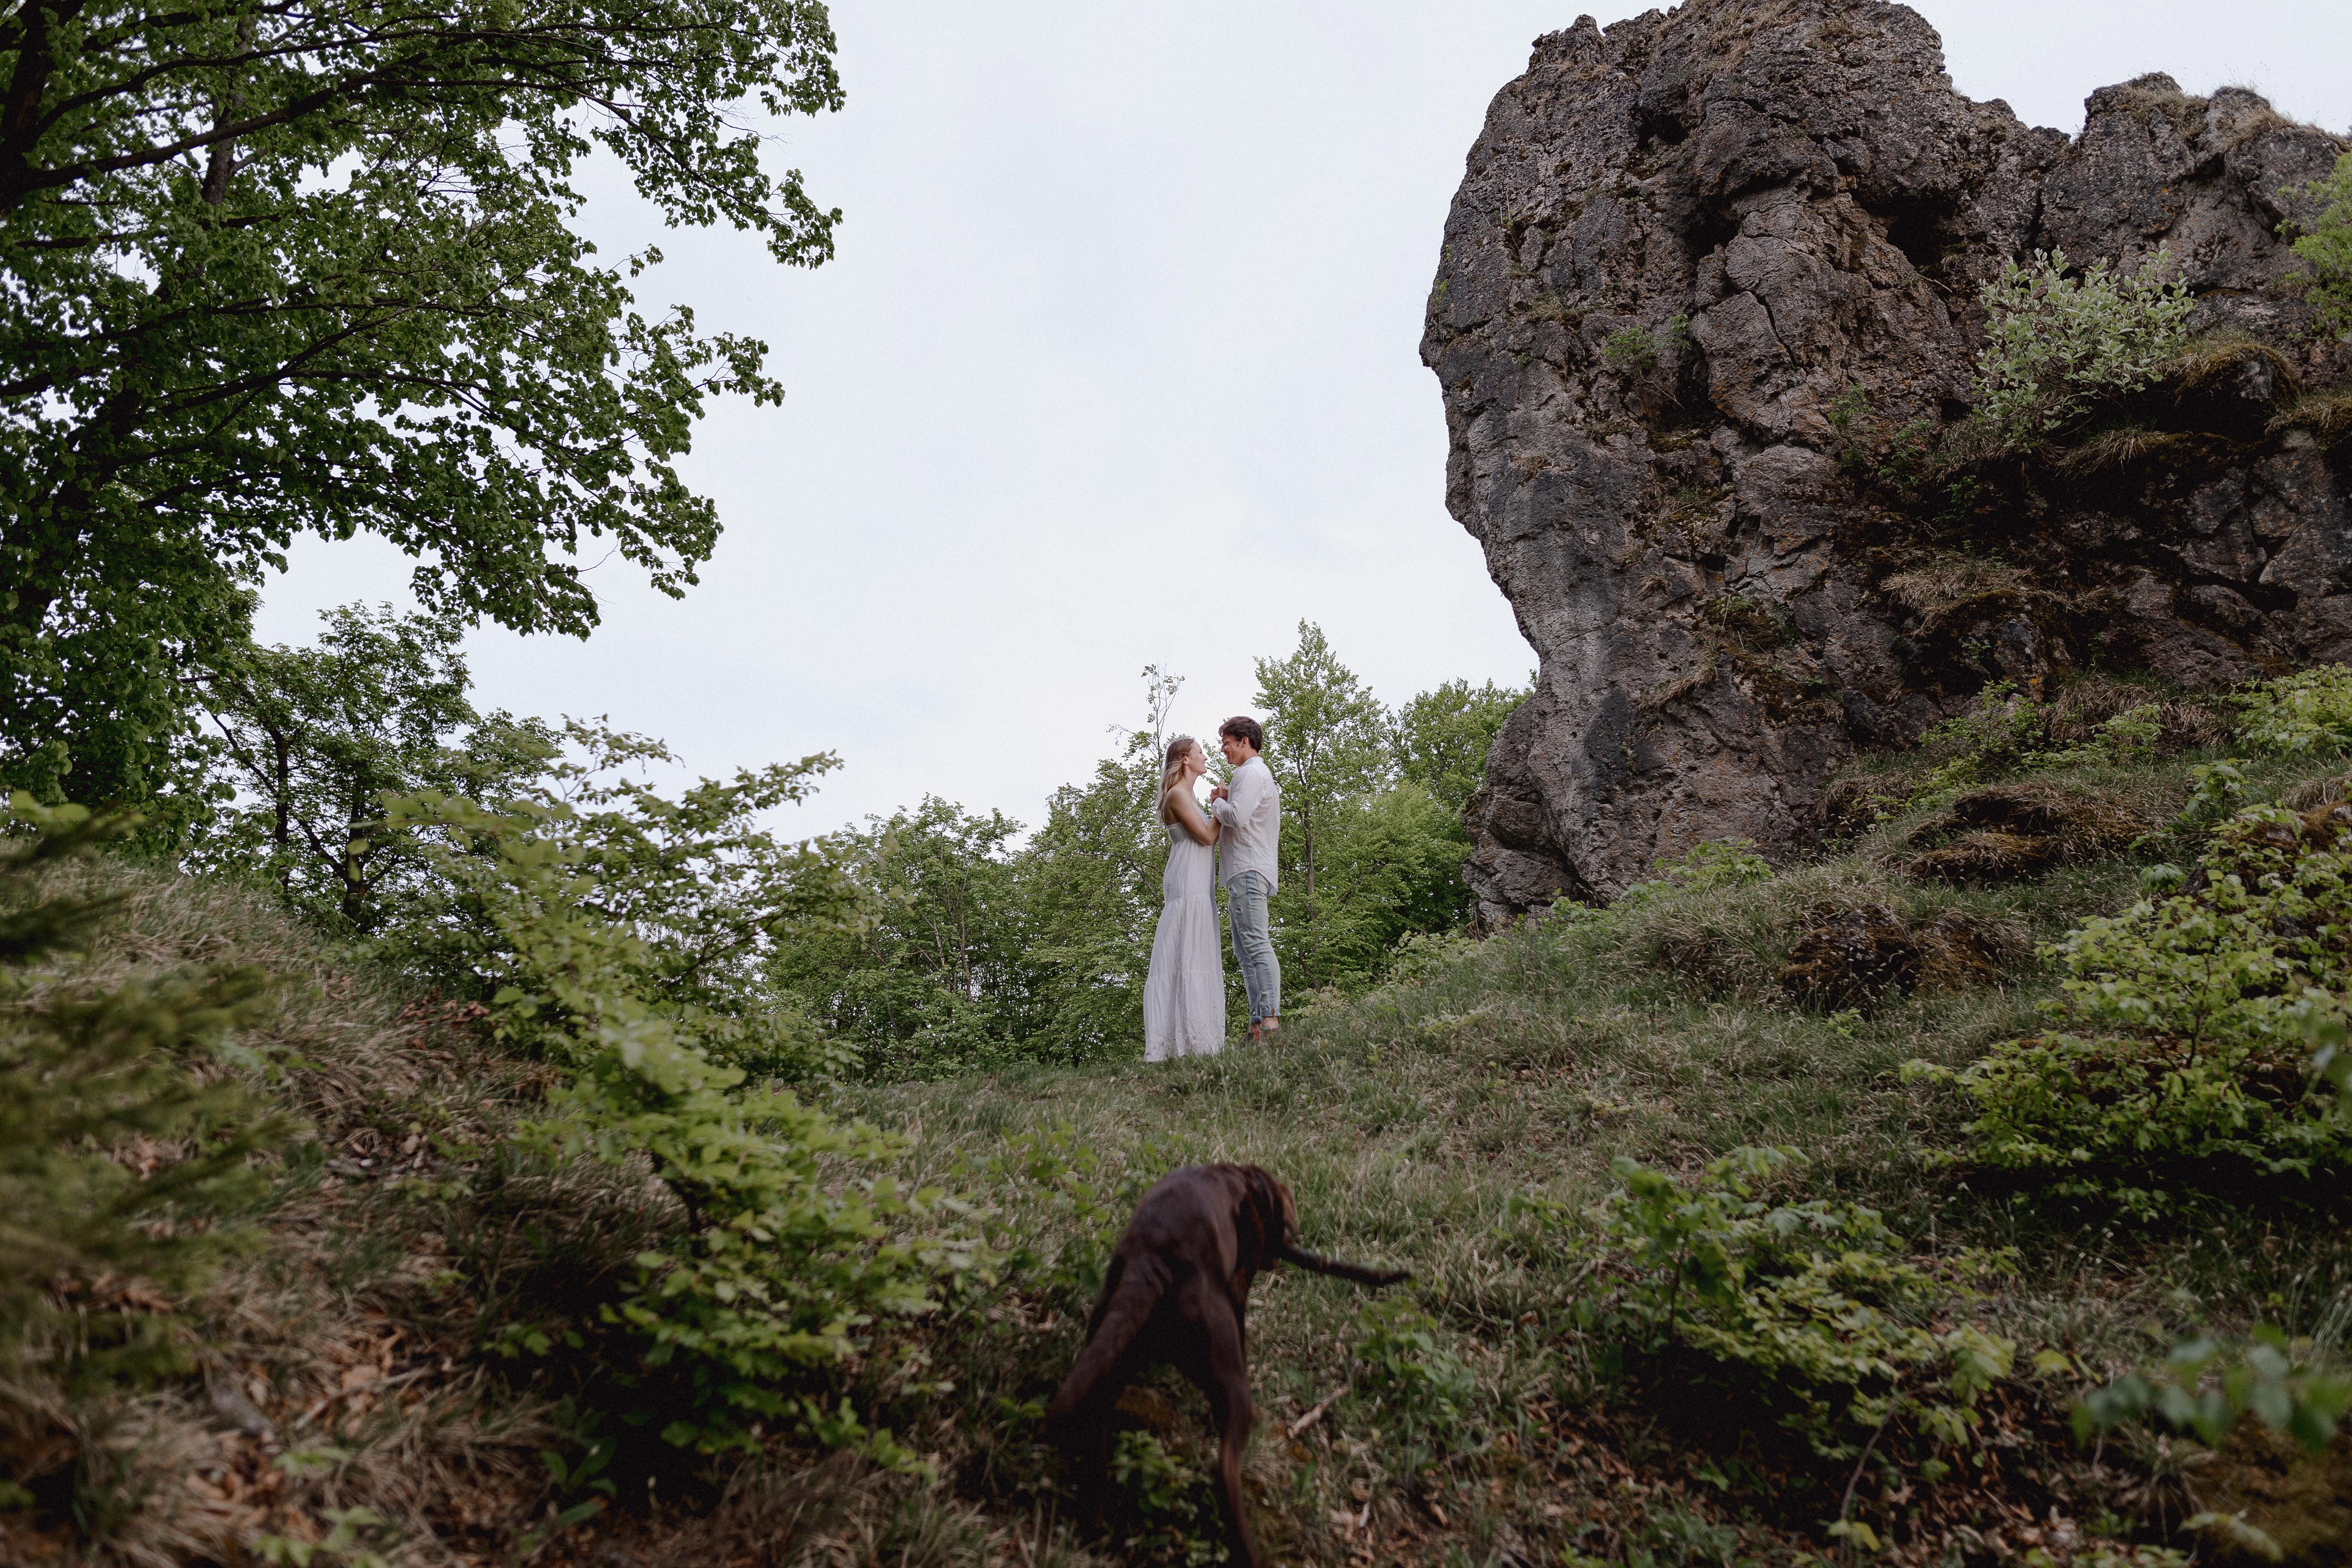 URBANERIE_Daniela_Goth_Vintage_Fotografin_Nuernberg_Fuerth_Erlangen_180502_0171